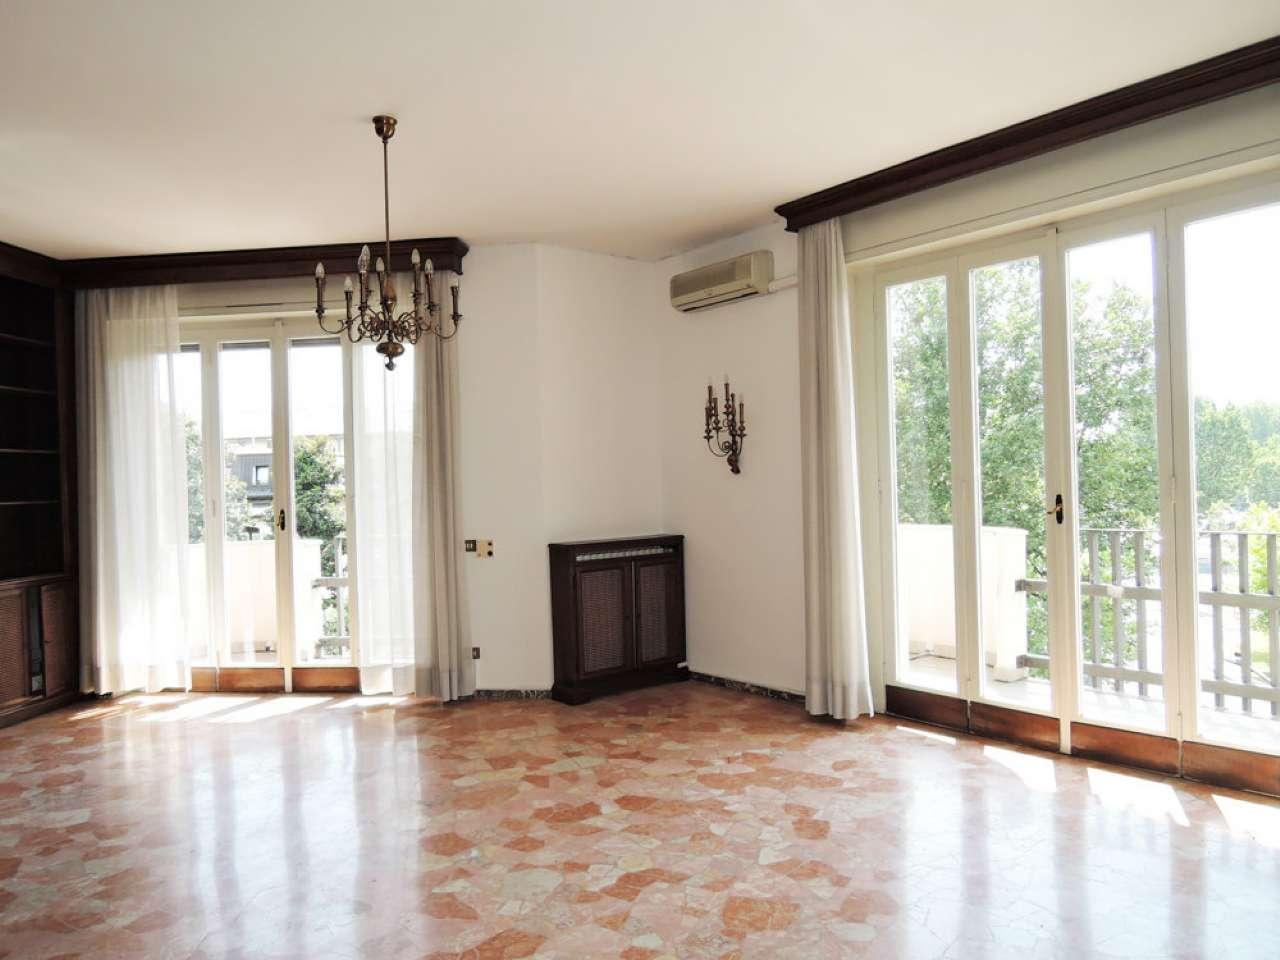 Appartamento in affitto a Milano, 6 locali, zona Zona: 14 . Lotto, Novara, San Siro, QT8 , Montestella, Rembrandt, prezzo € 3.000 | CambioCasa.it